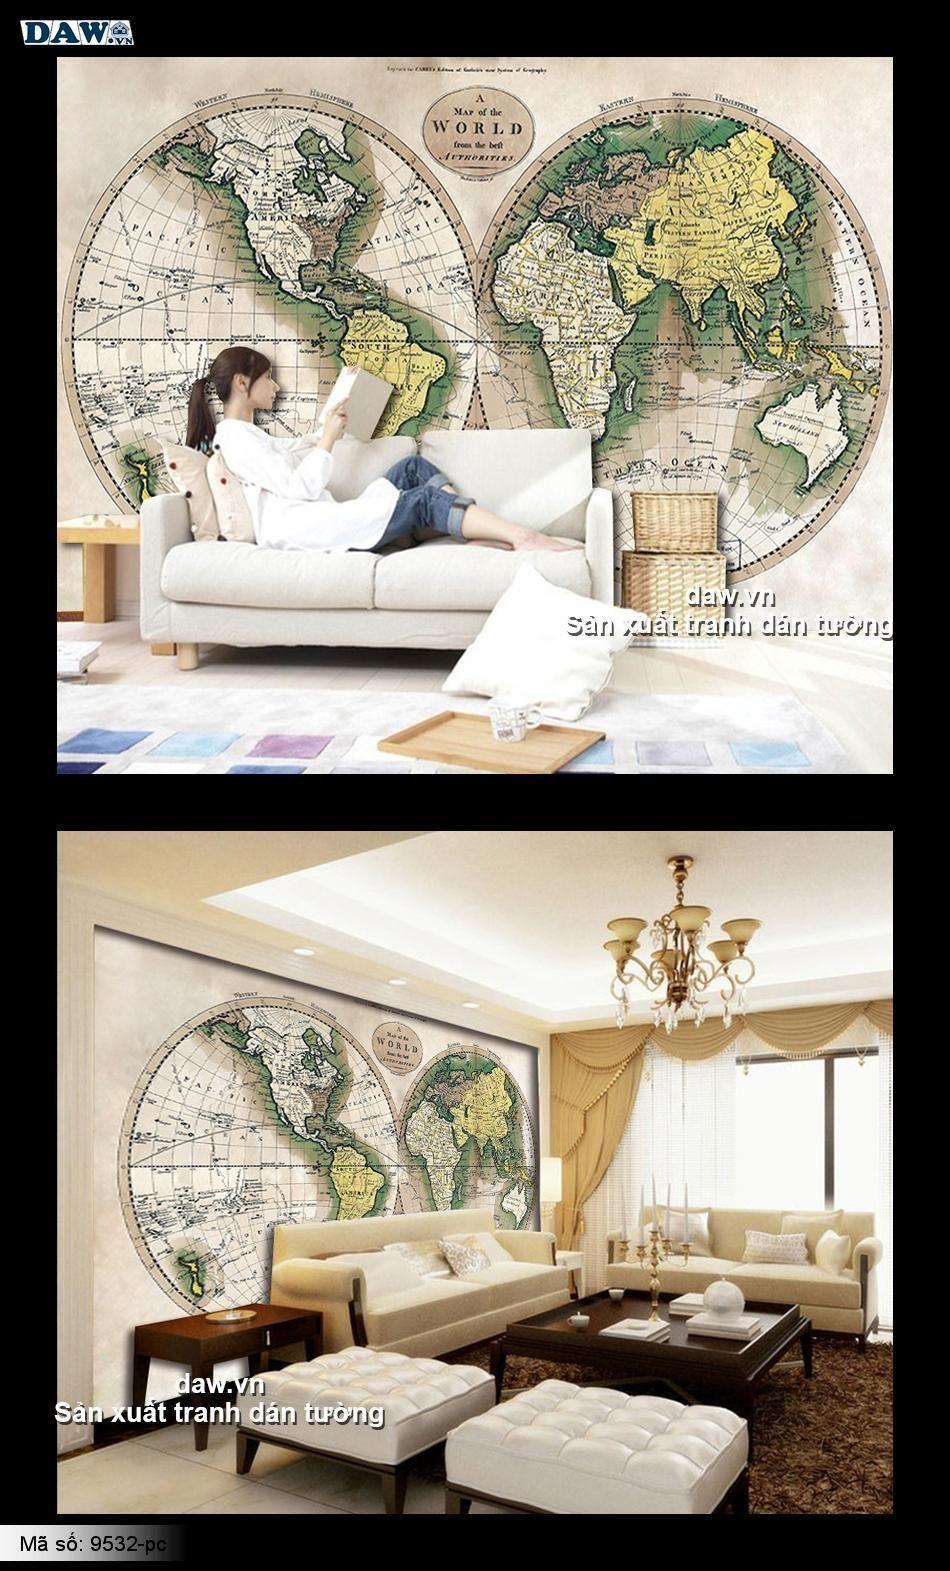 Bản đồ cổ, tranh dán tường hình bản đồ cũ, bản đồ thế giới, hình bản đồ ngày xưa, daw.vn, daw 9532-pc